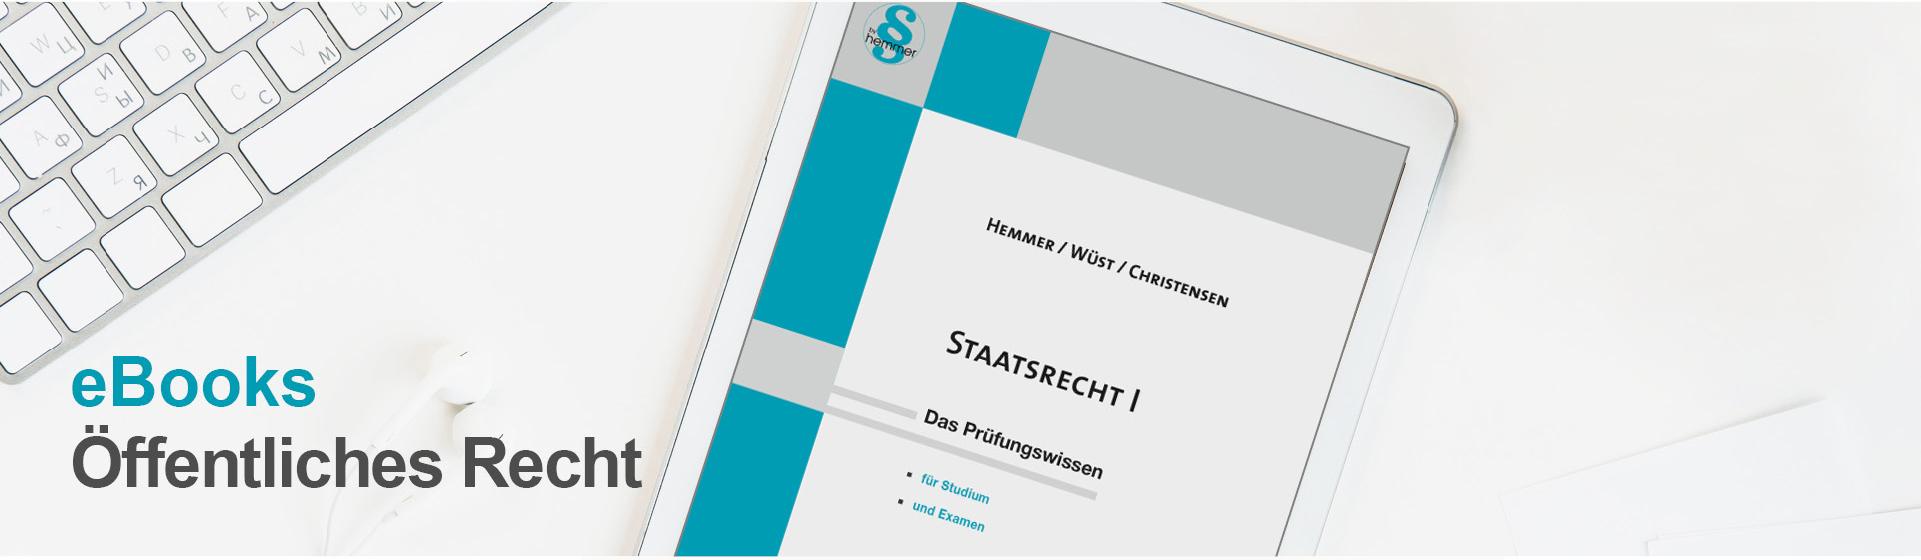 hemmer eBooks Öffentliches Recht